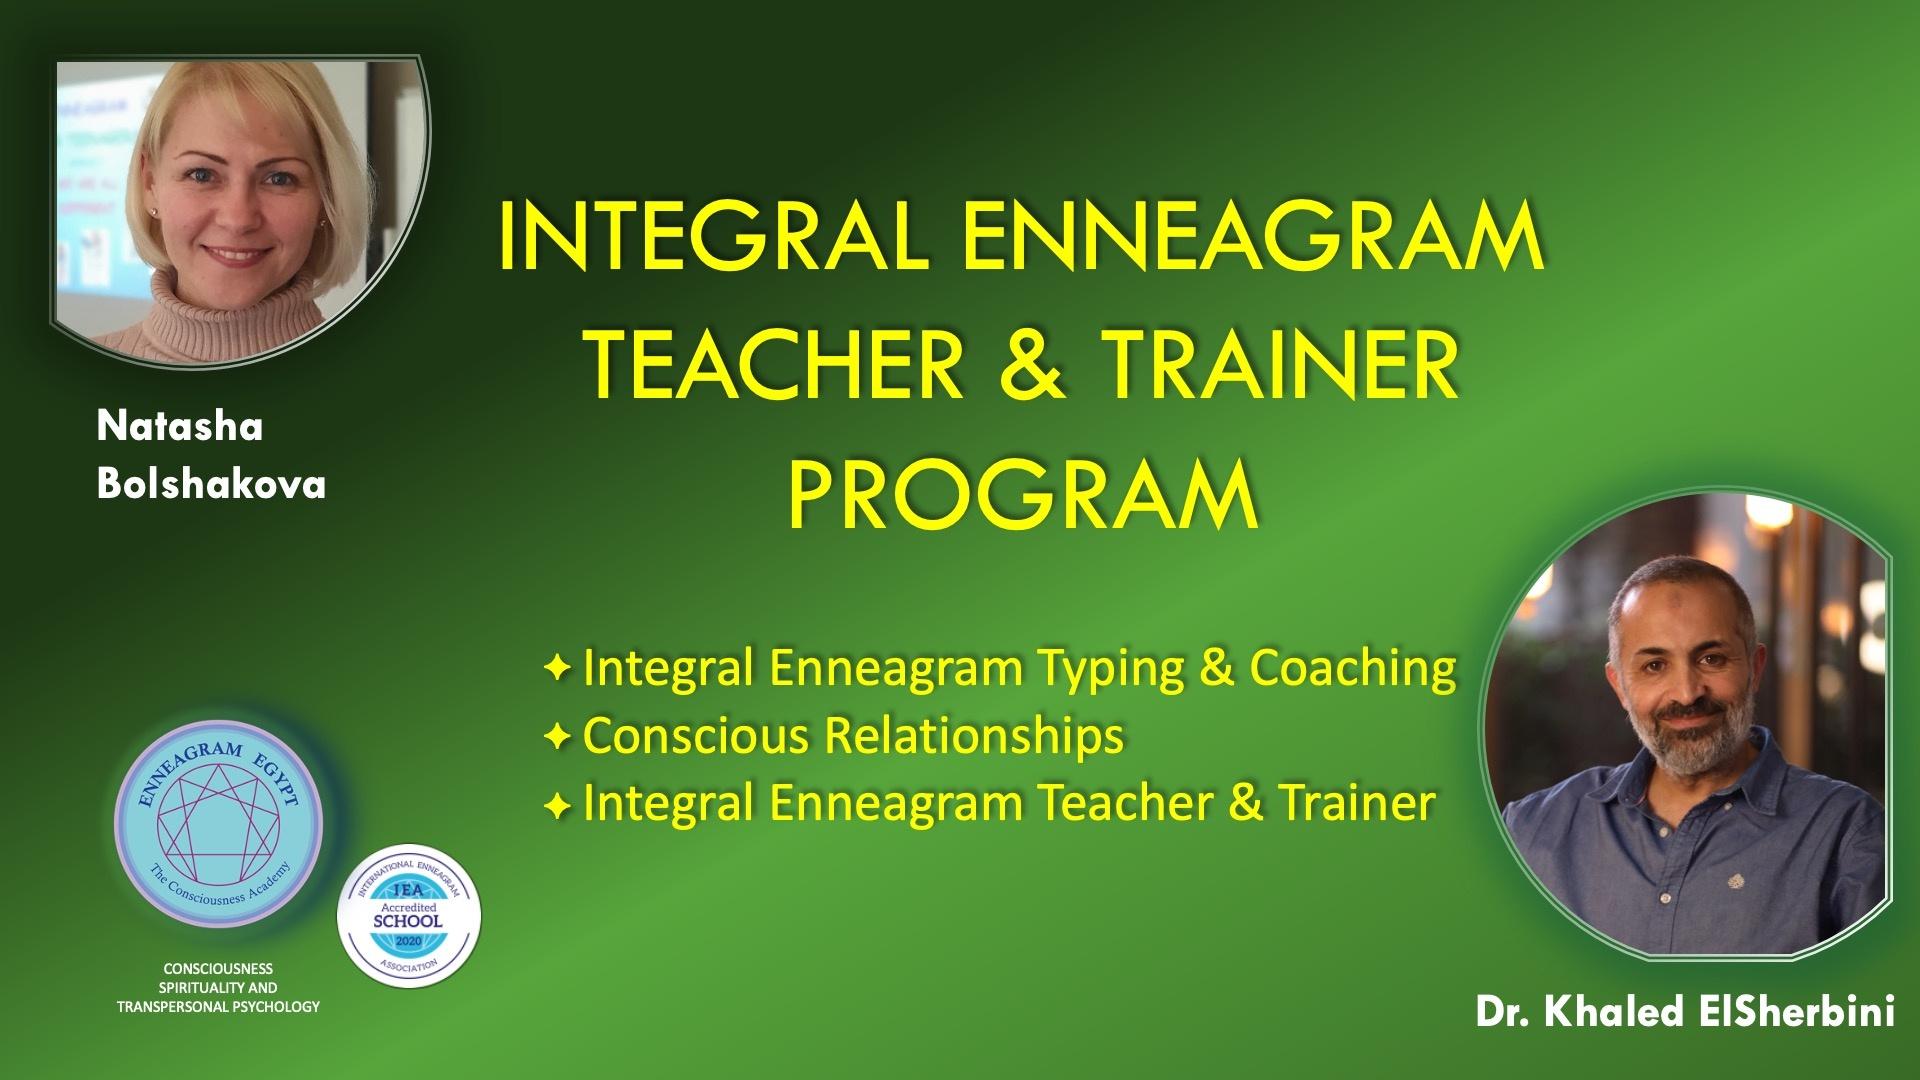 Integral Enneagram Teacher & Trainer